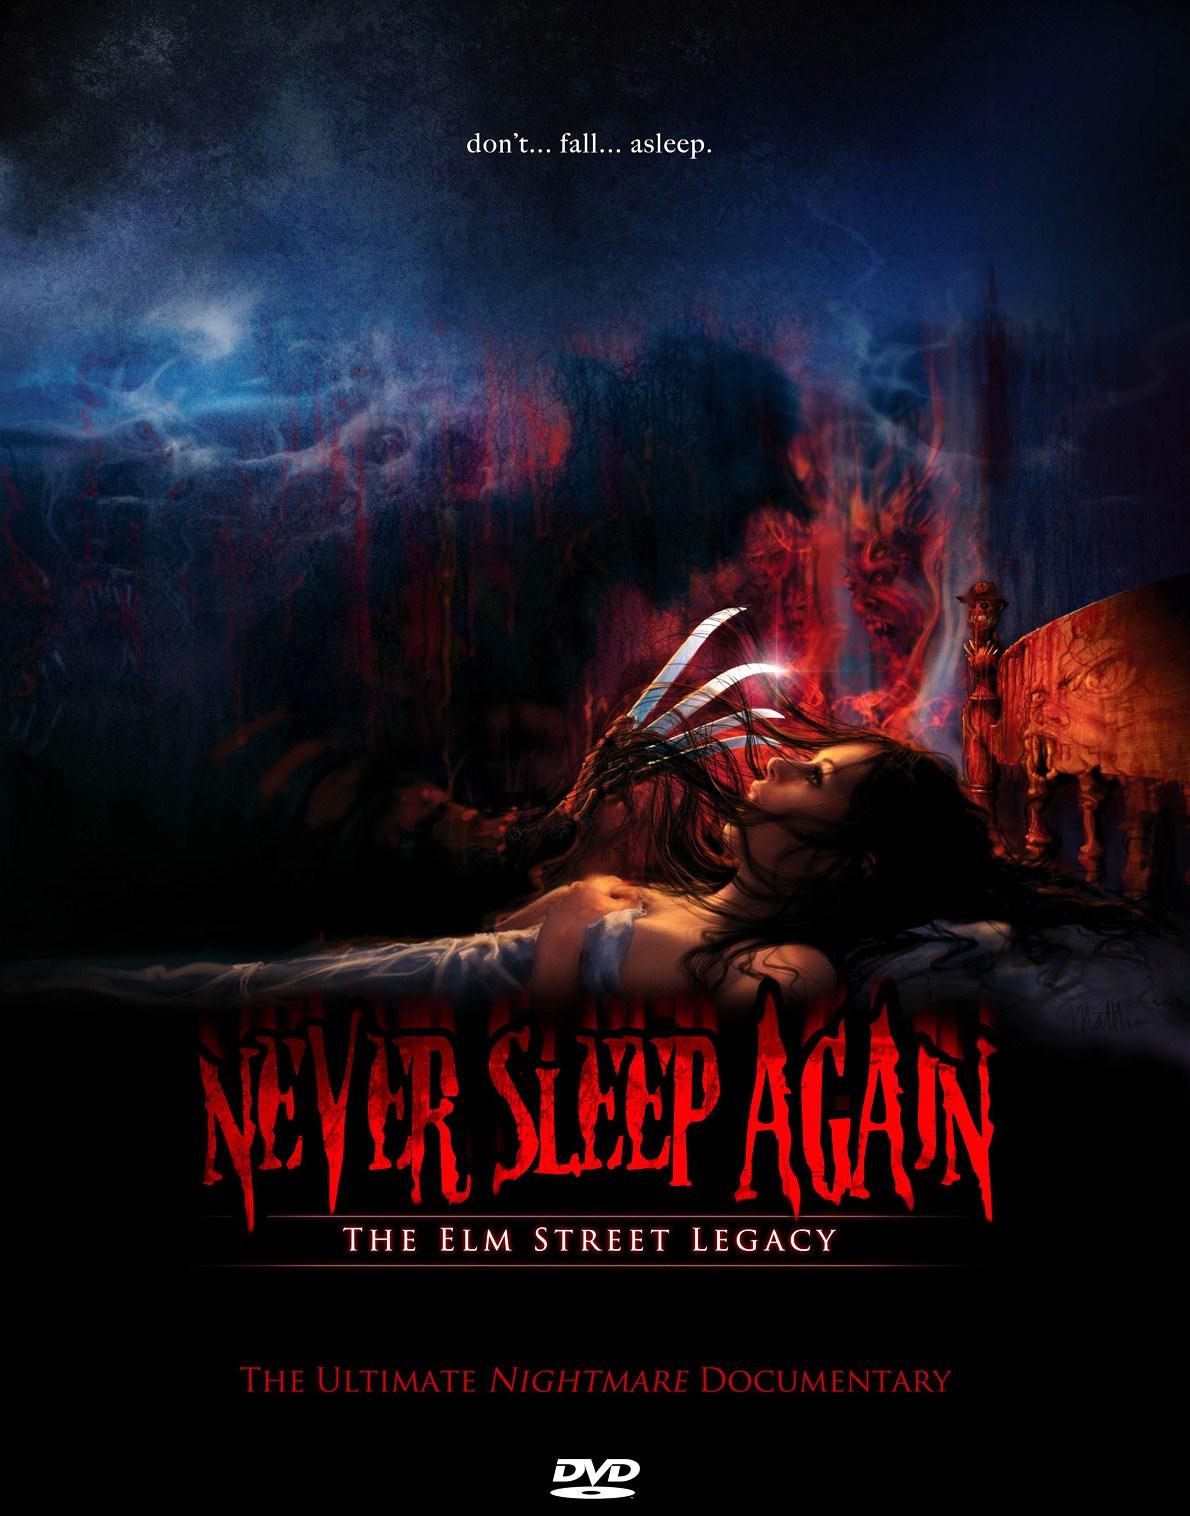 never-sleep-again-dvd